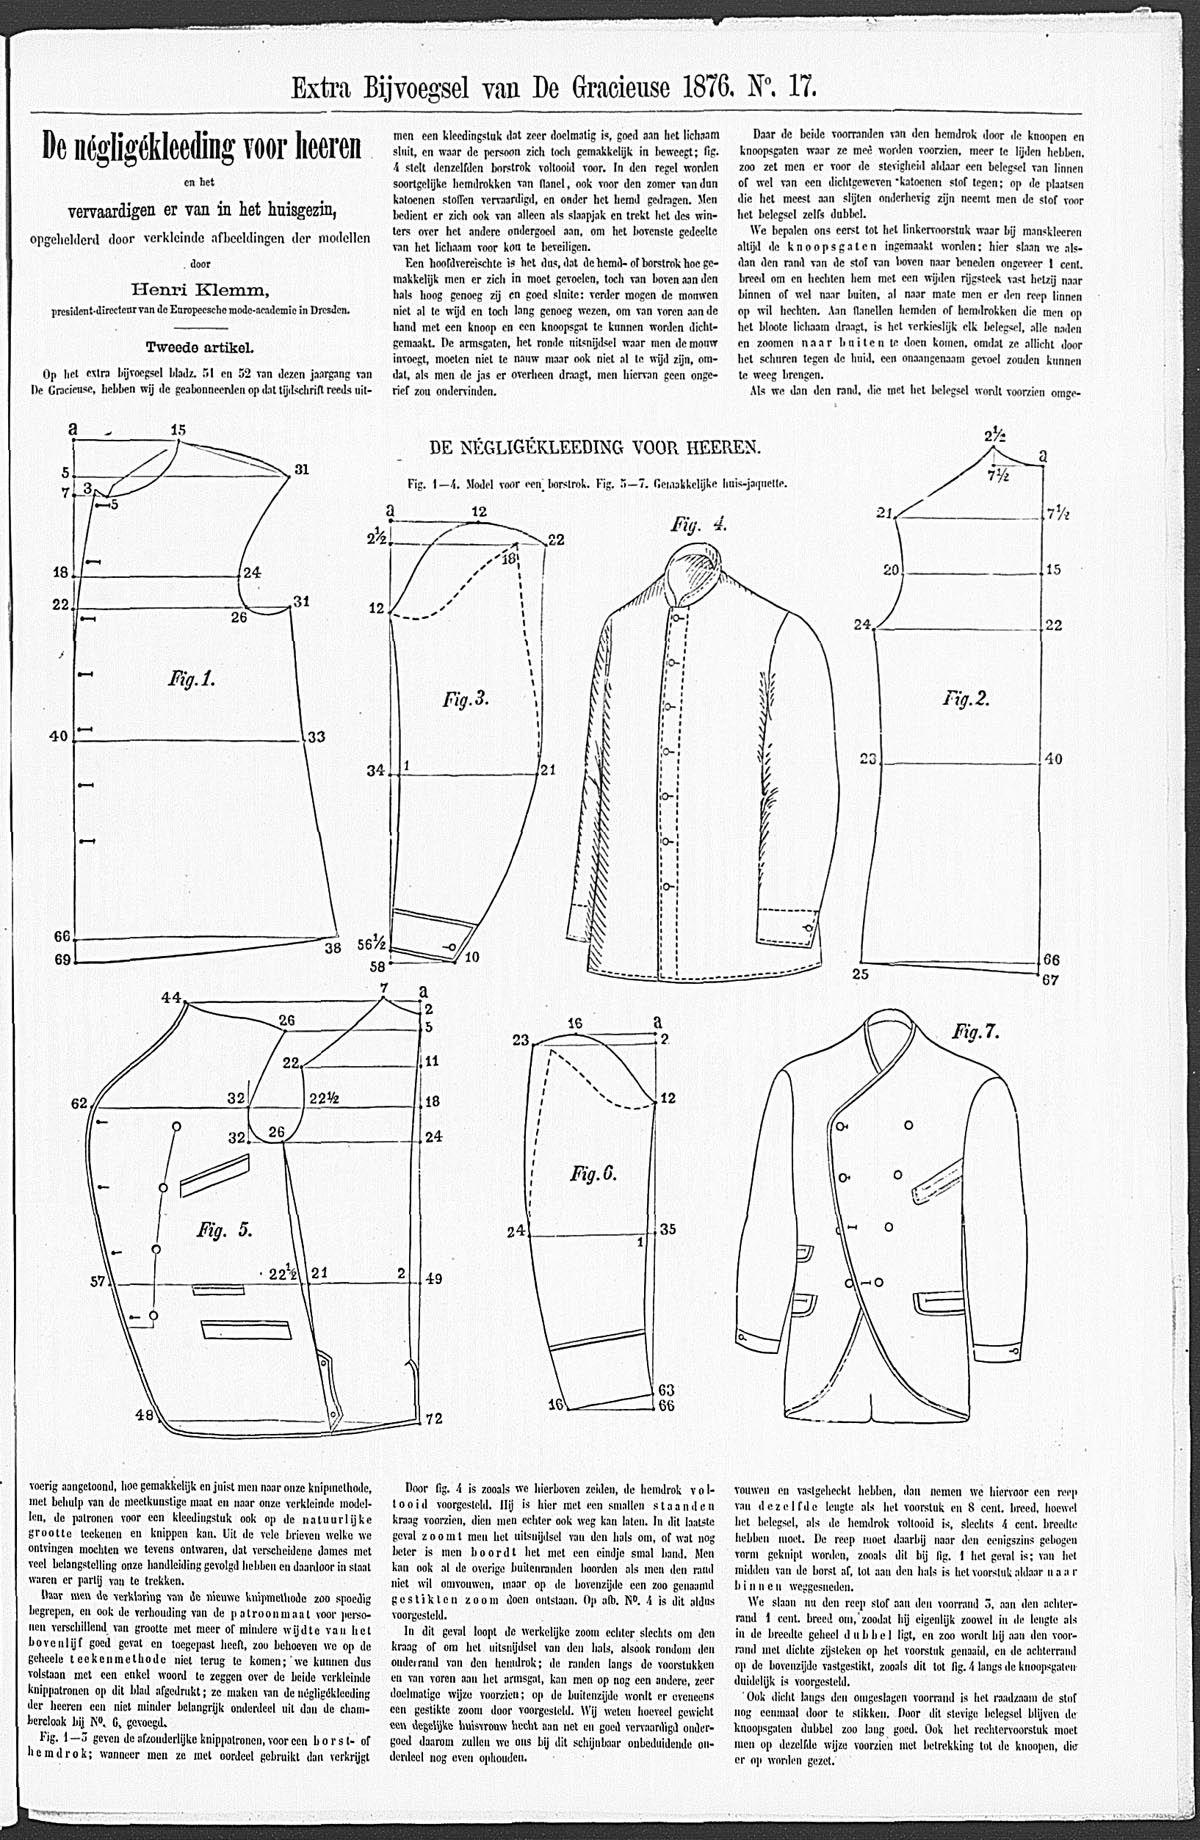 De Gracieuse. Geïllustreerde Aglaja, 1876, Men\'s Jackets   Antique ...